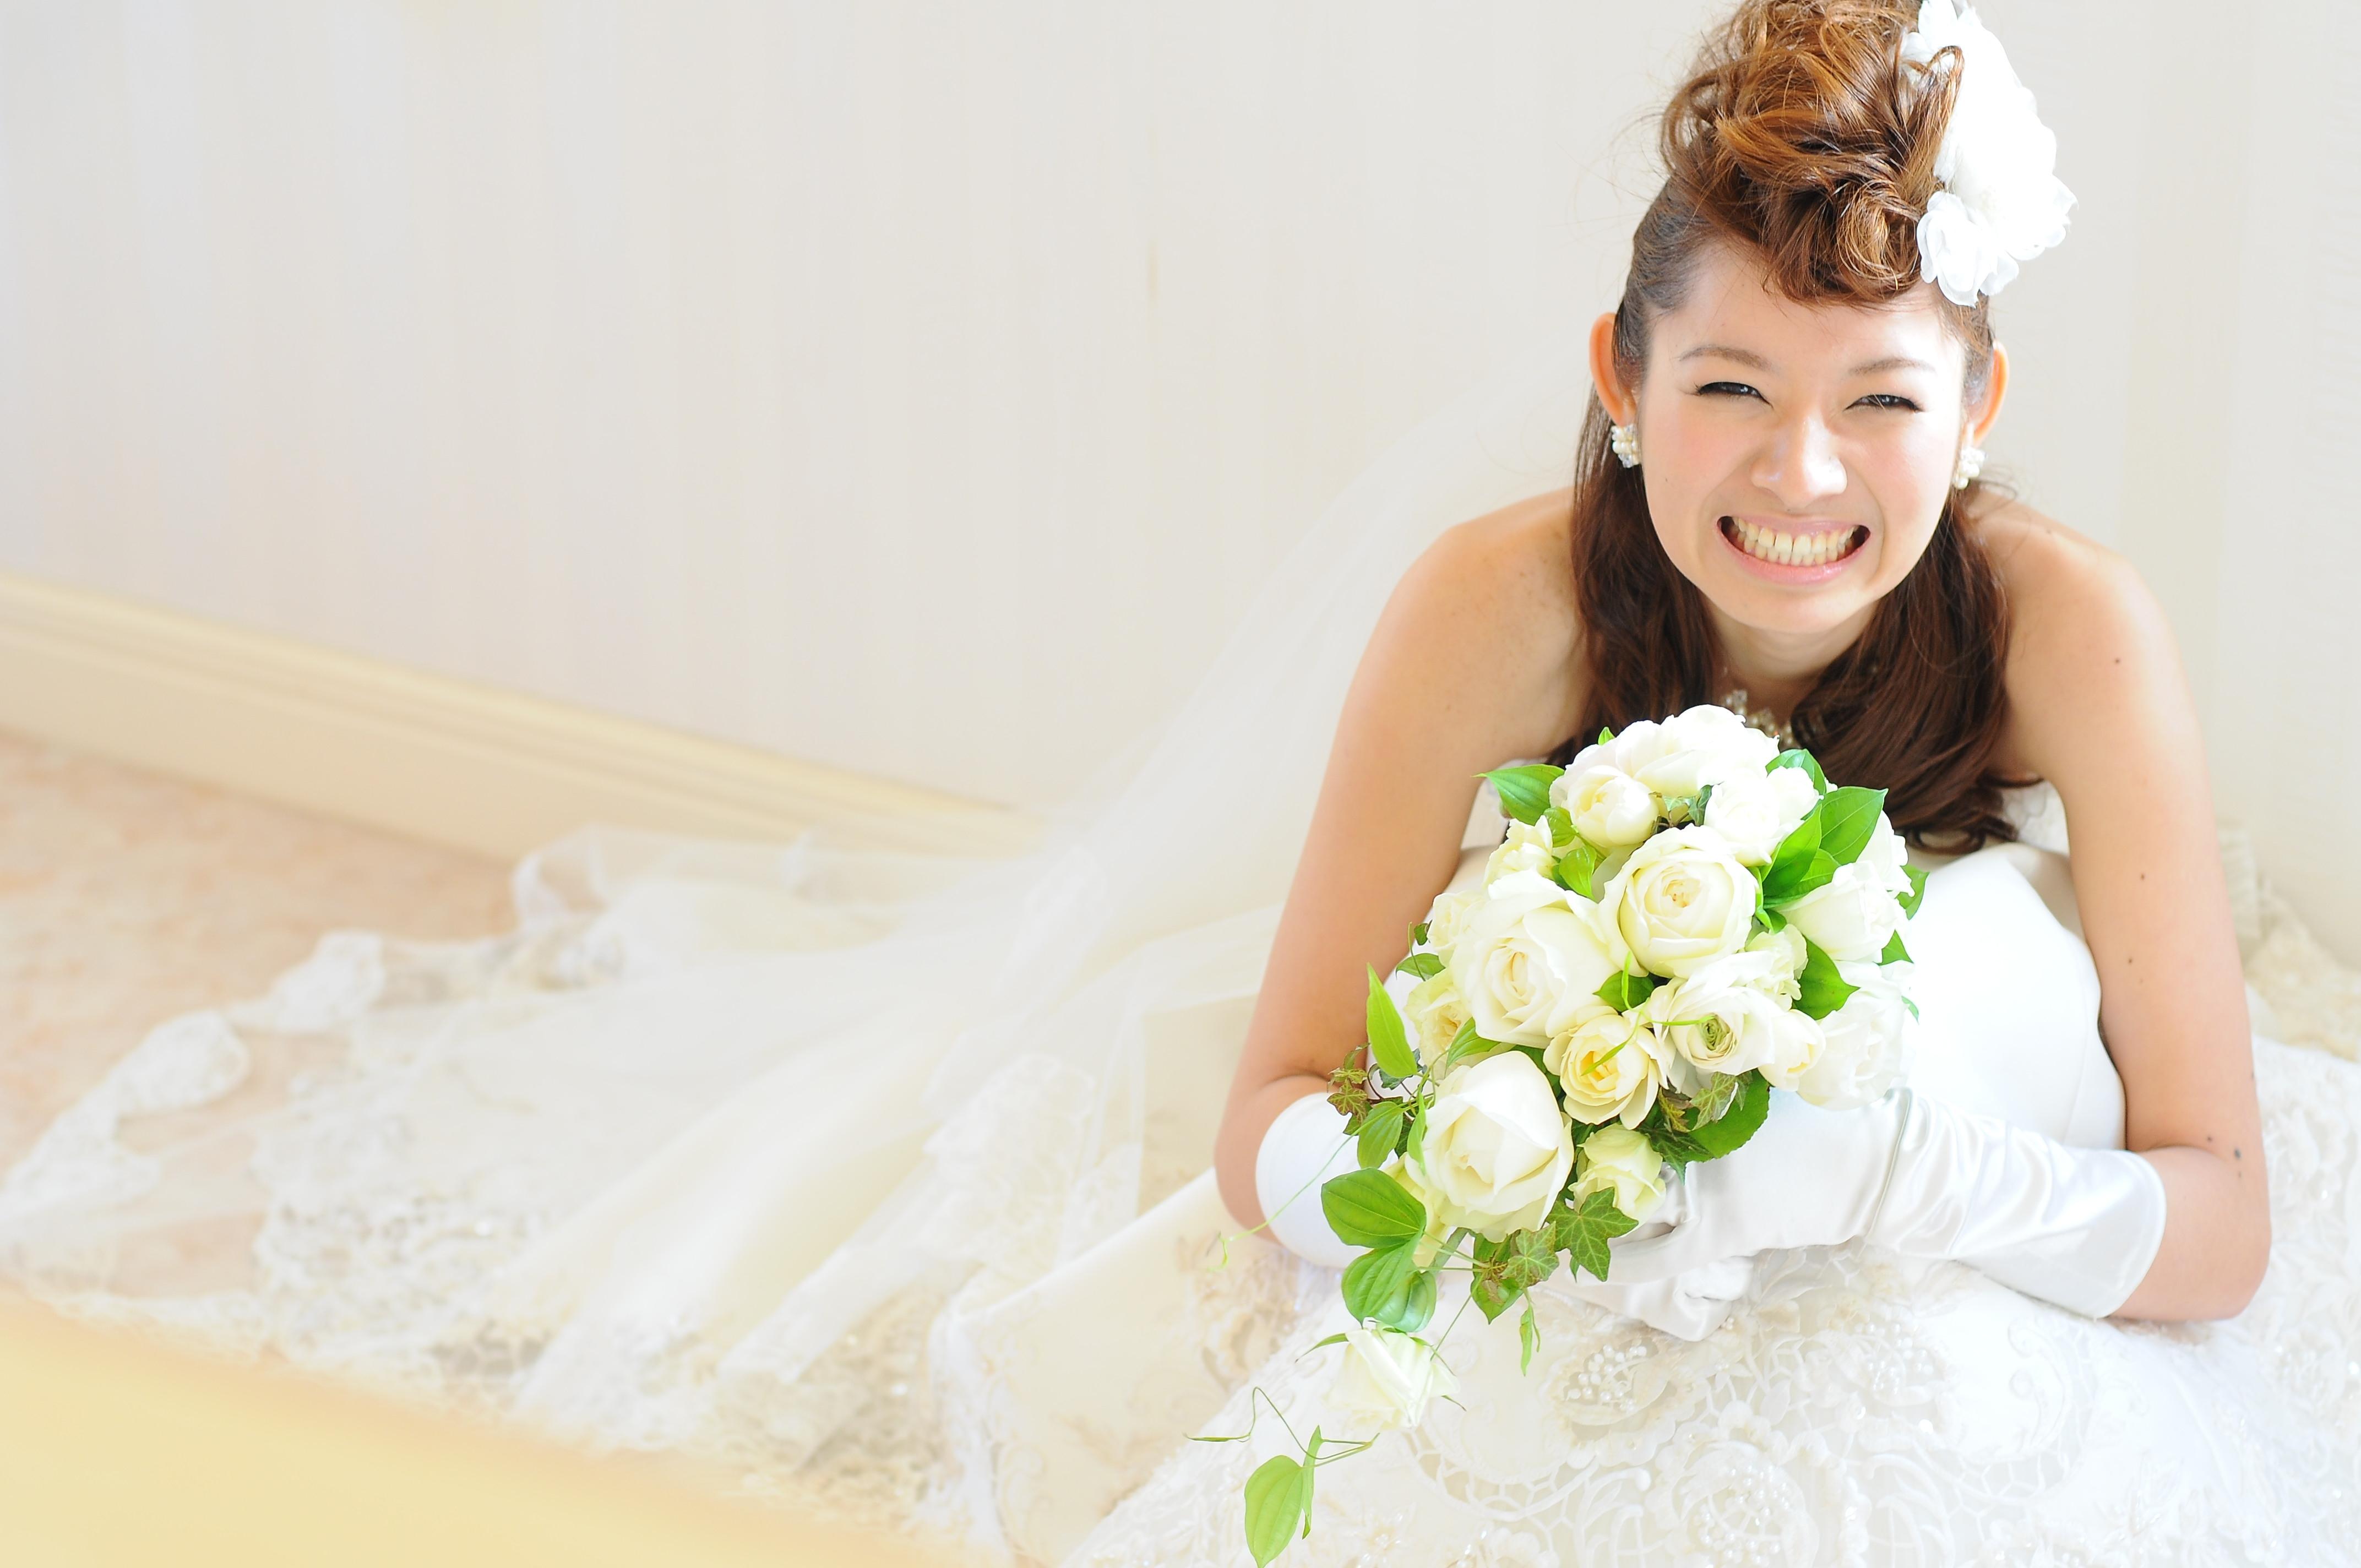 弁護士と結婚して良かった事、後悔した事をまとめてみました。のサムネイル画像